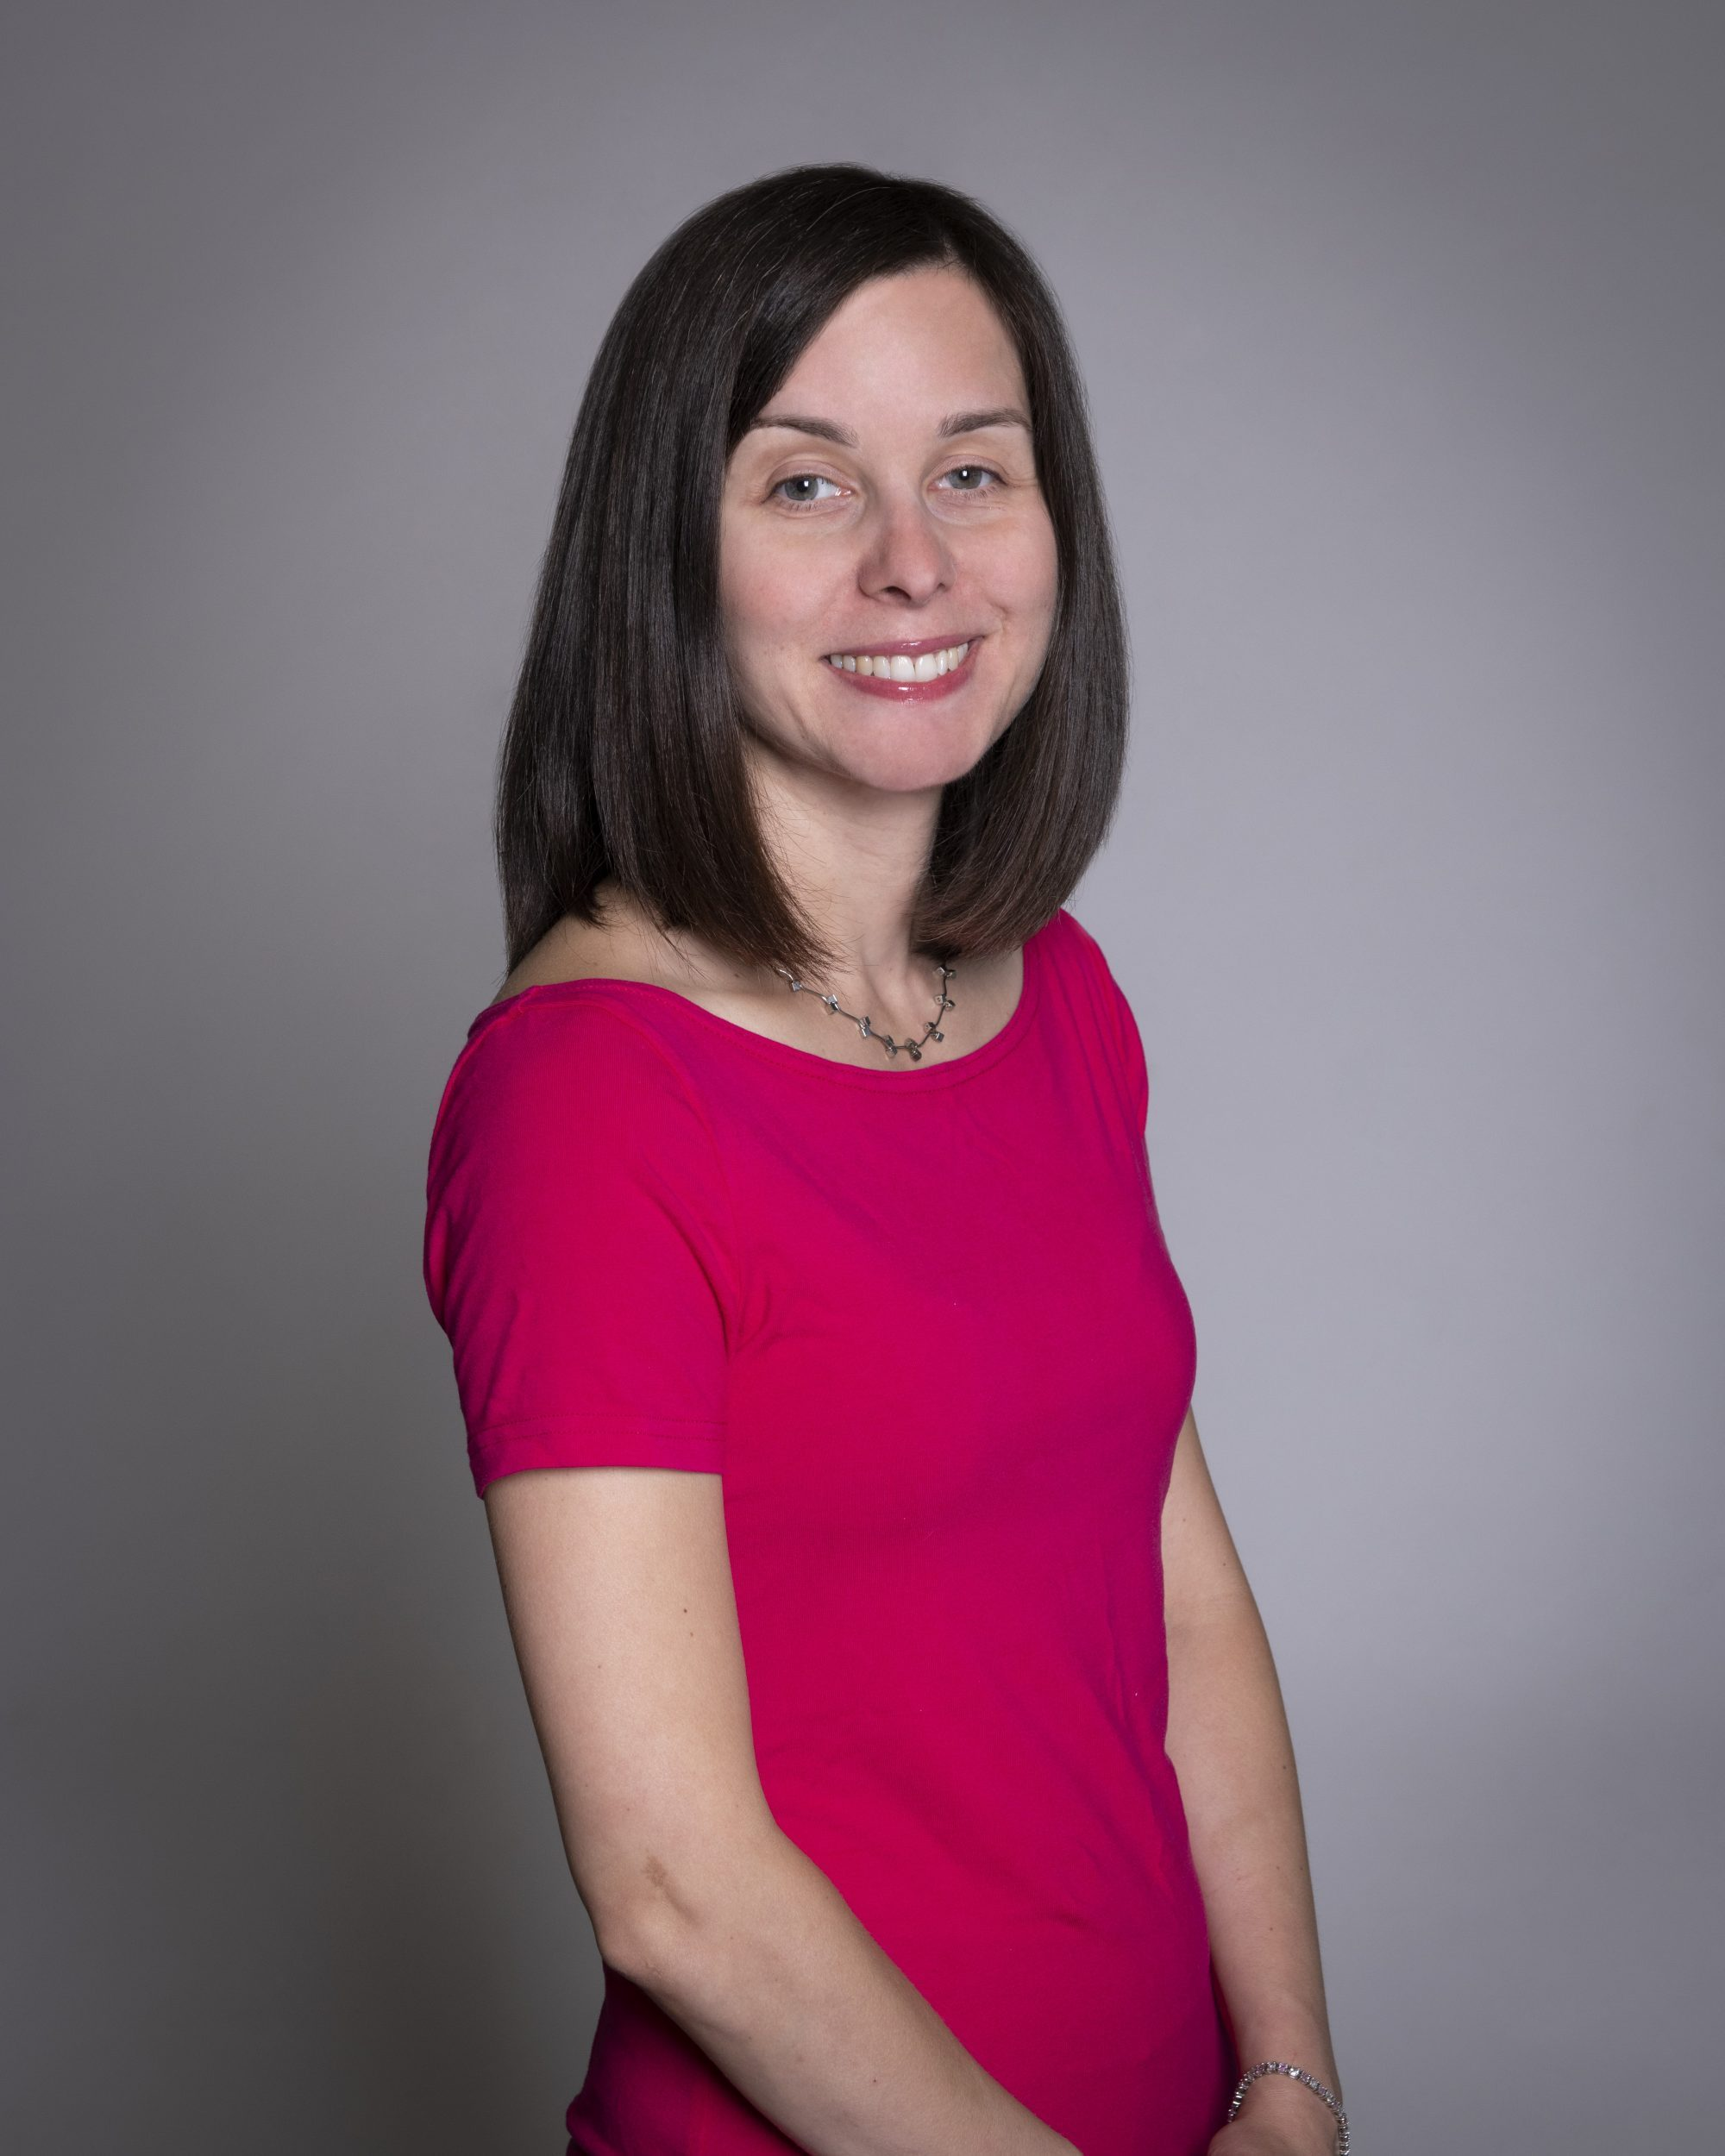 Melissa Boisvert